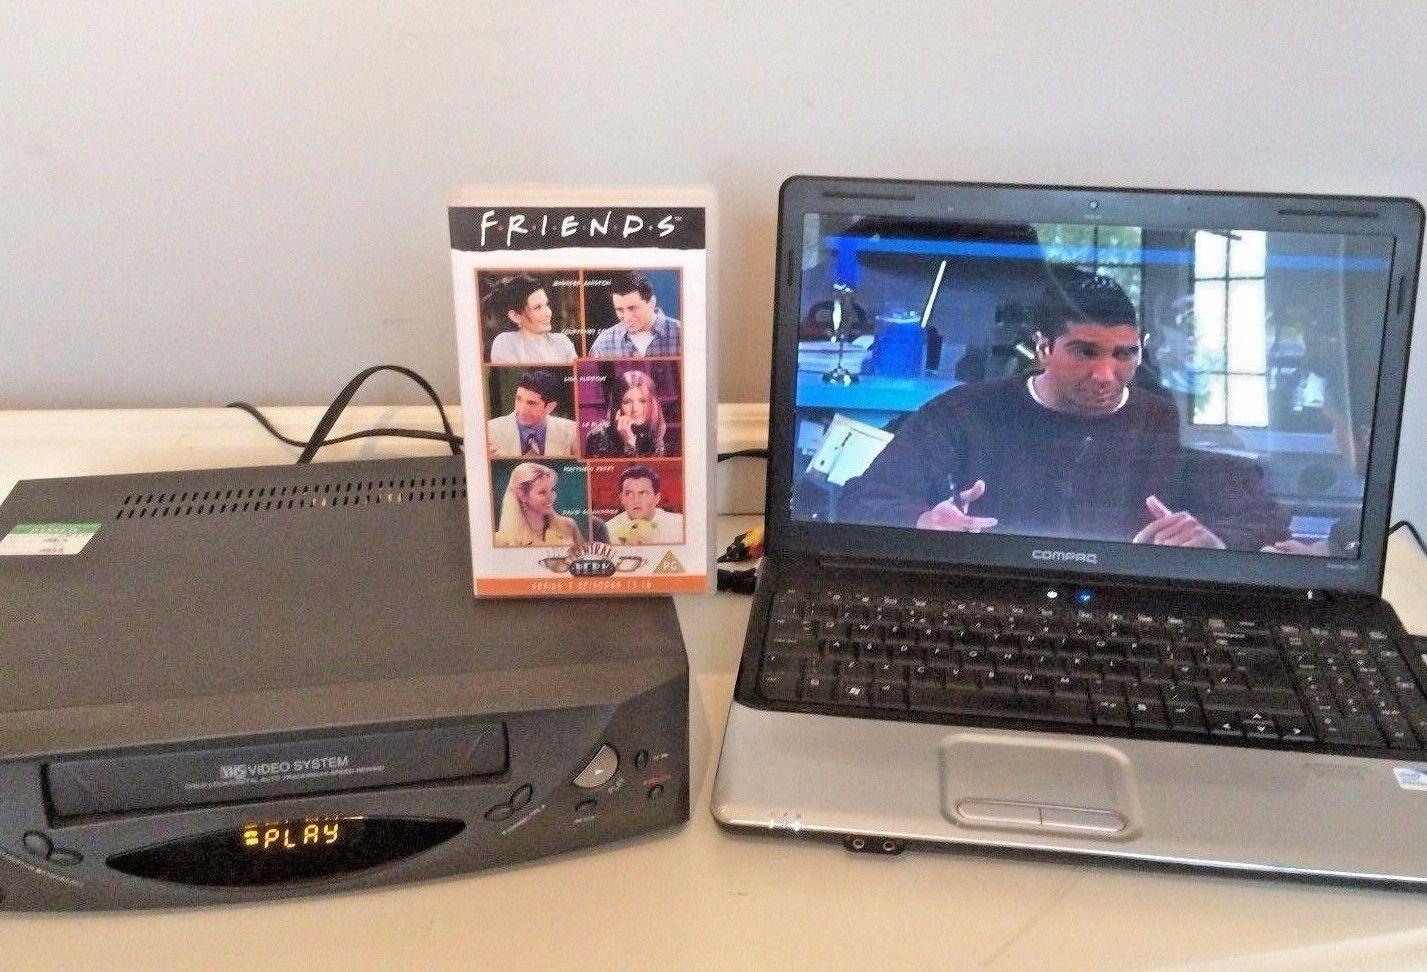 Kit Reproductor Grabador De Video Vhs Convertir Copia Cinta Vhs